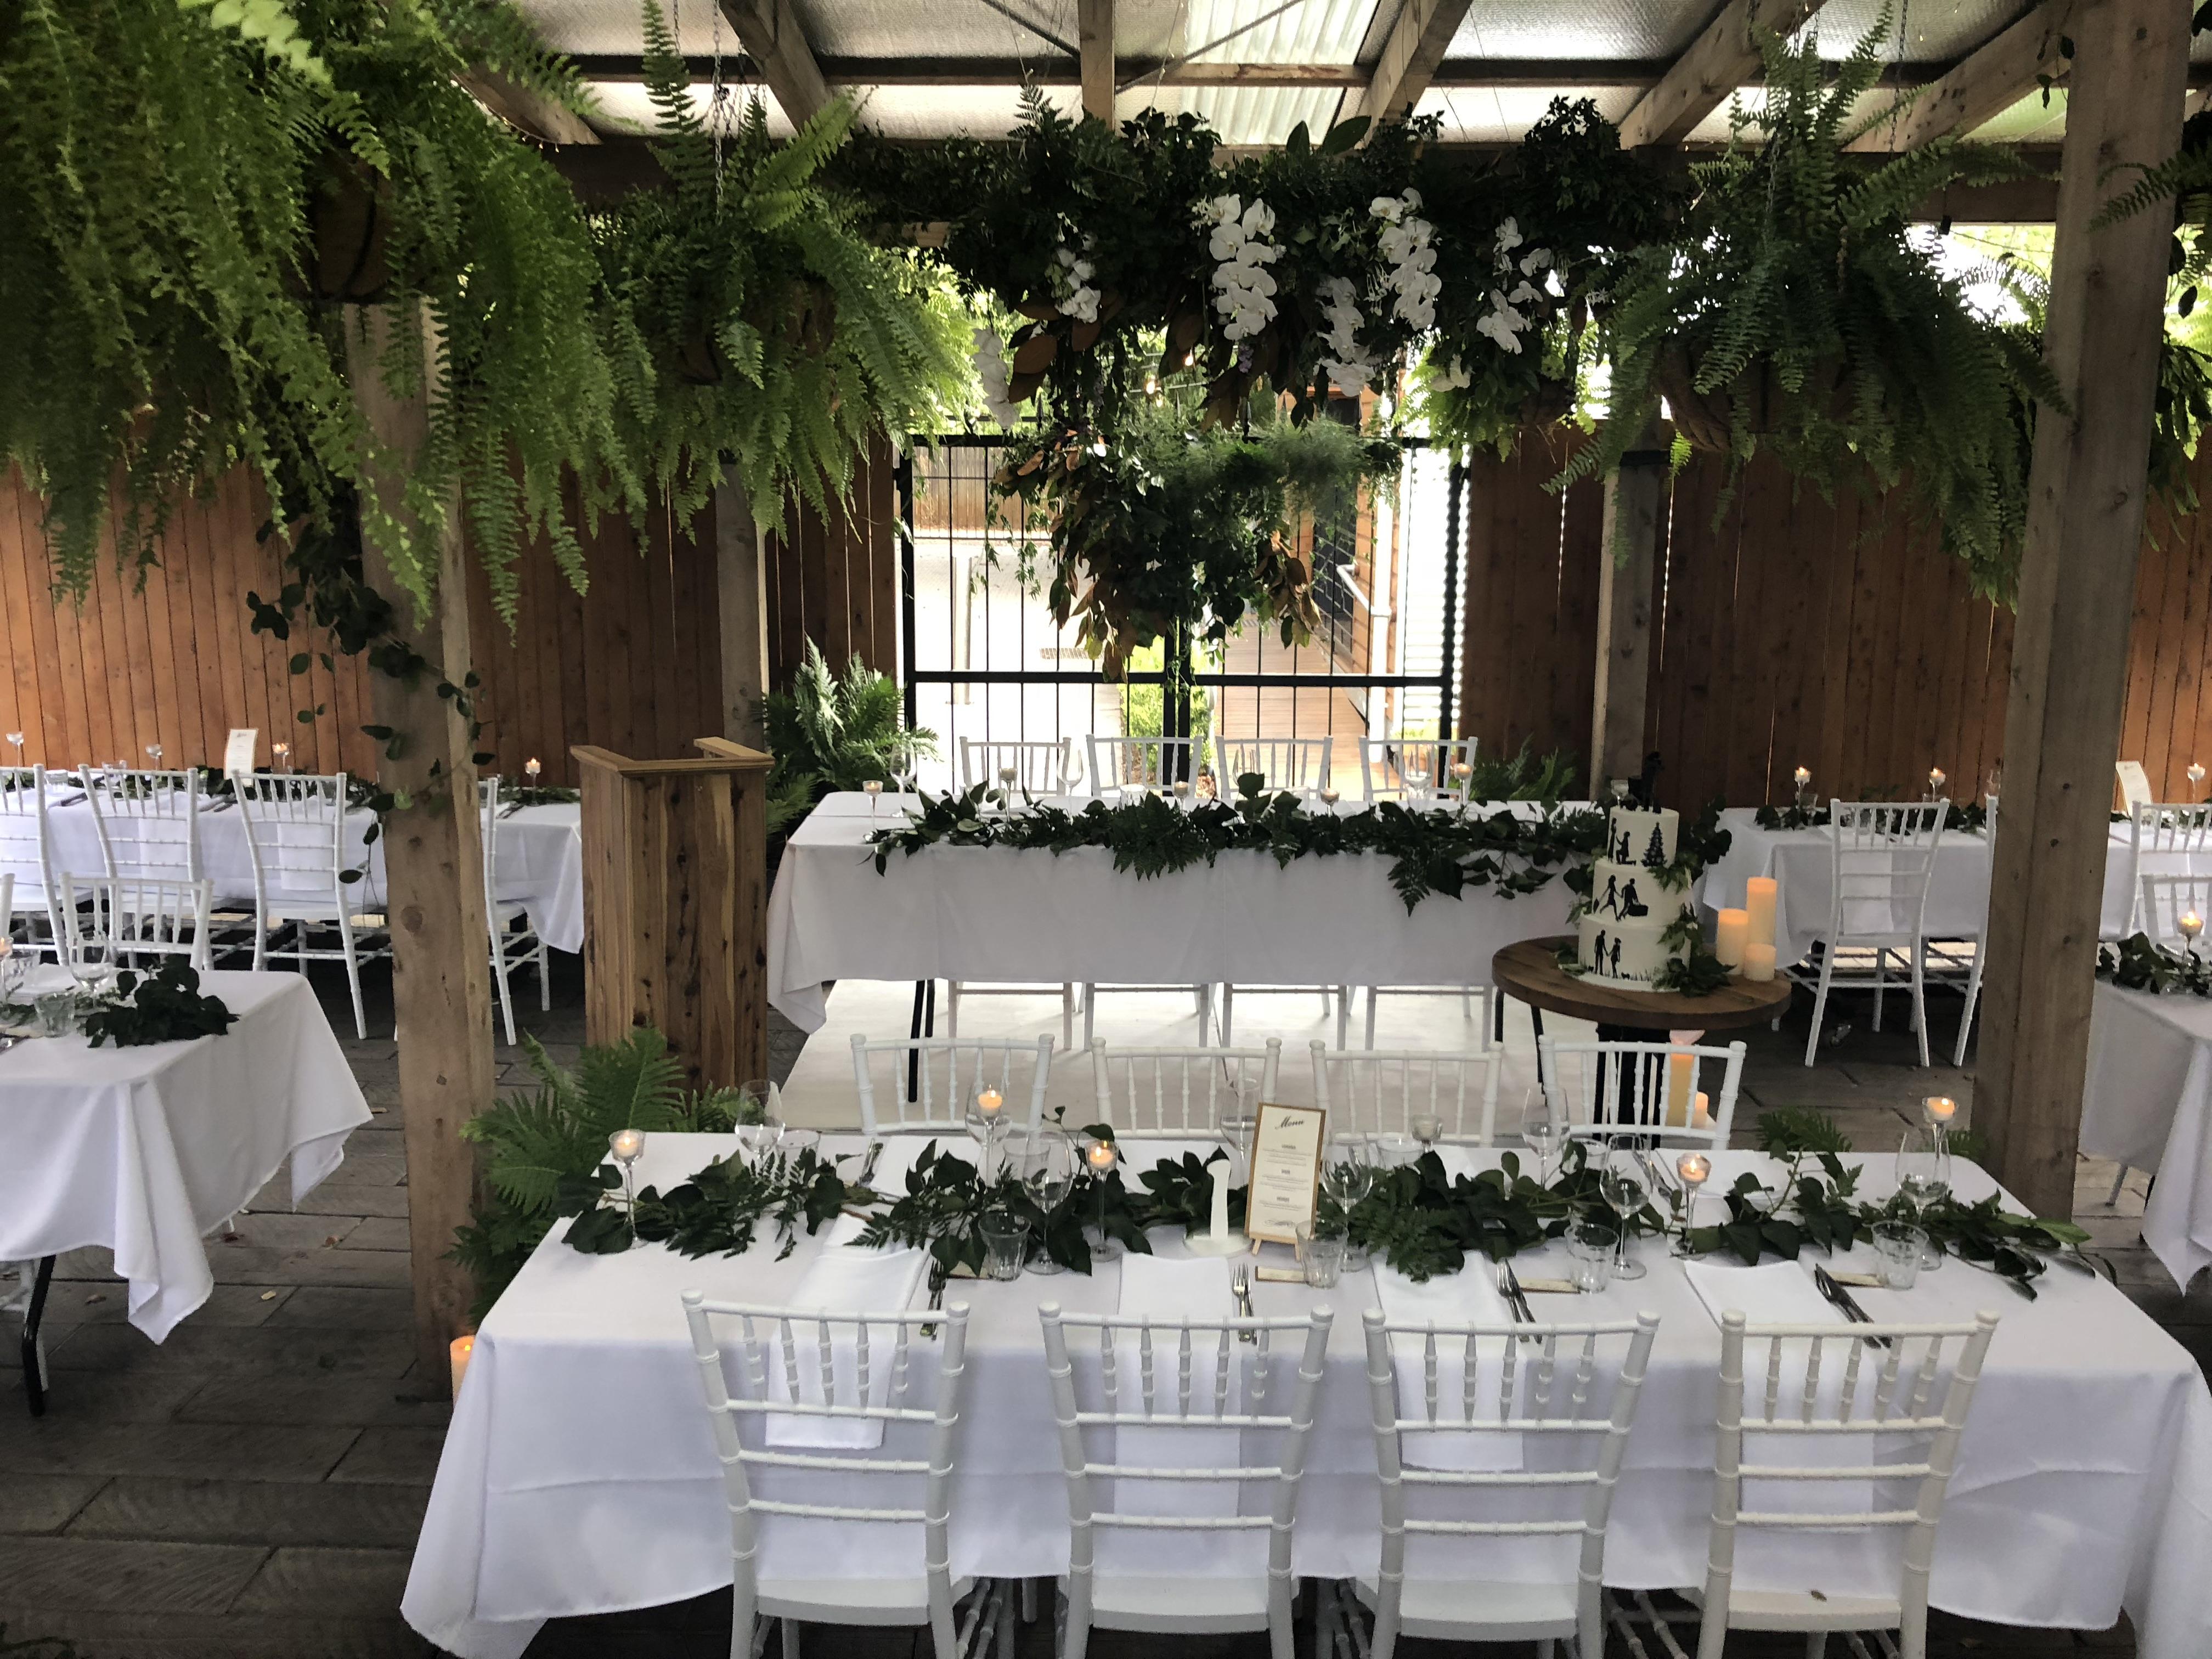 Secret garden theme wedding receptio